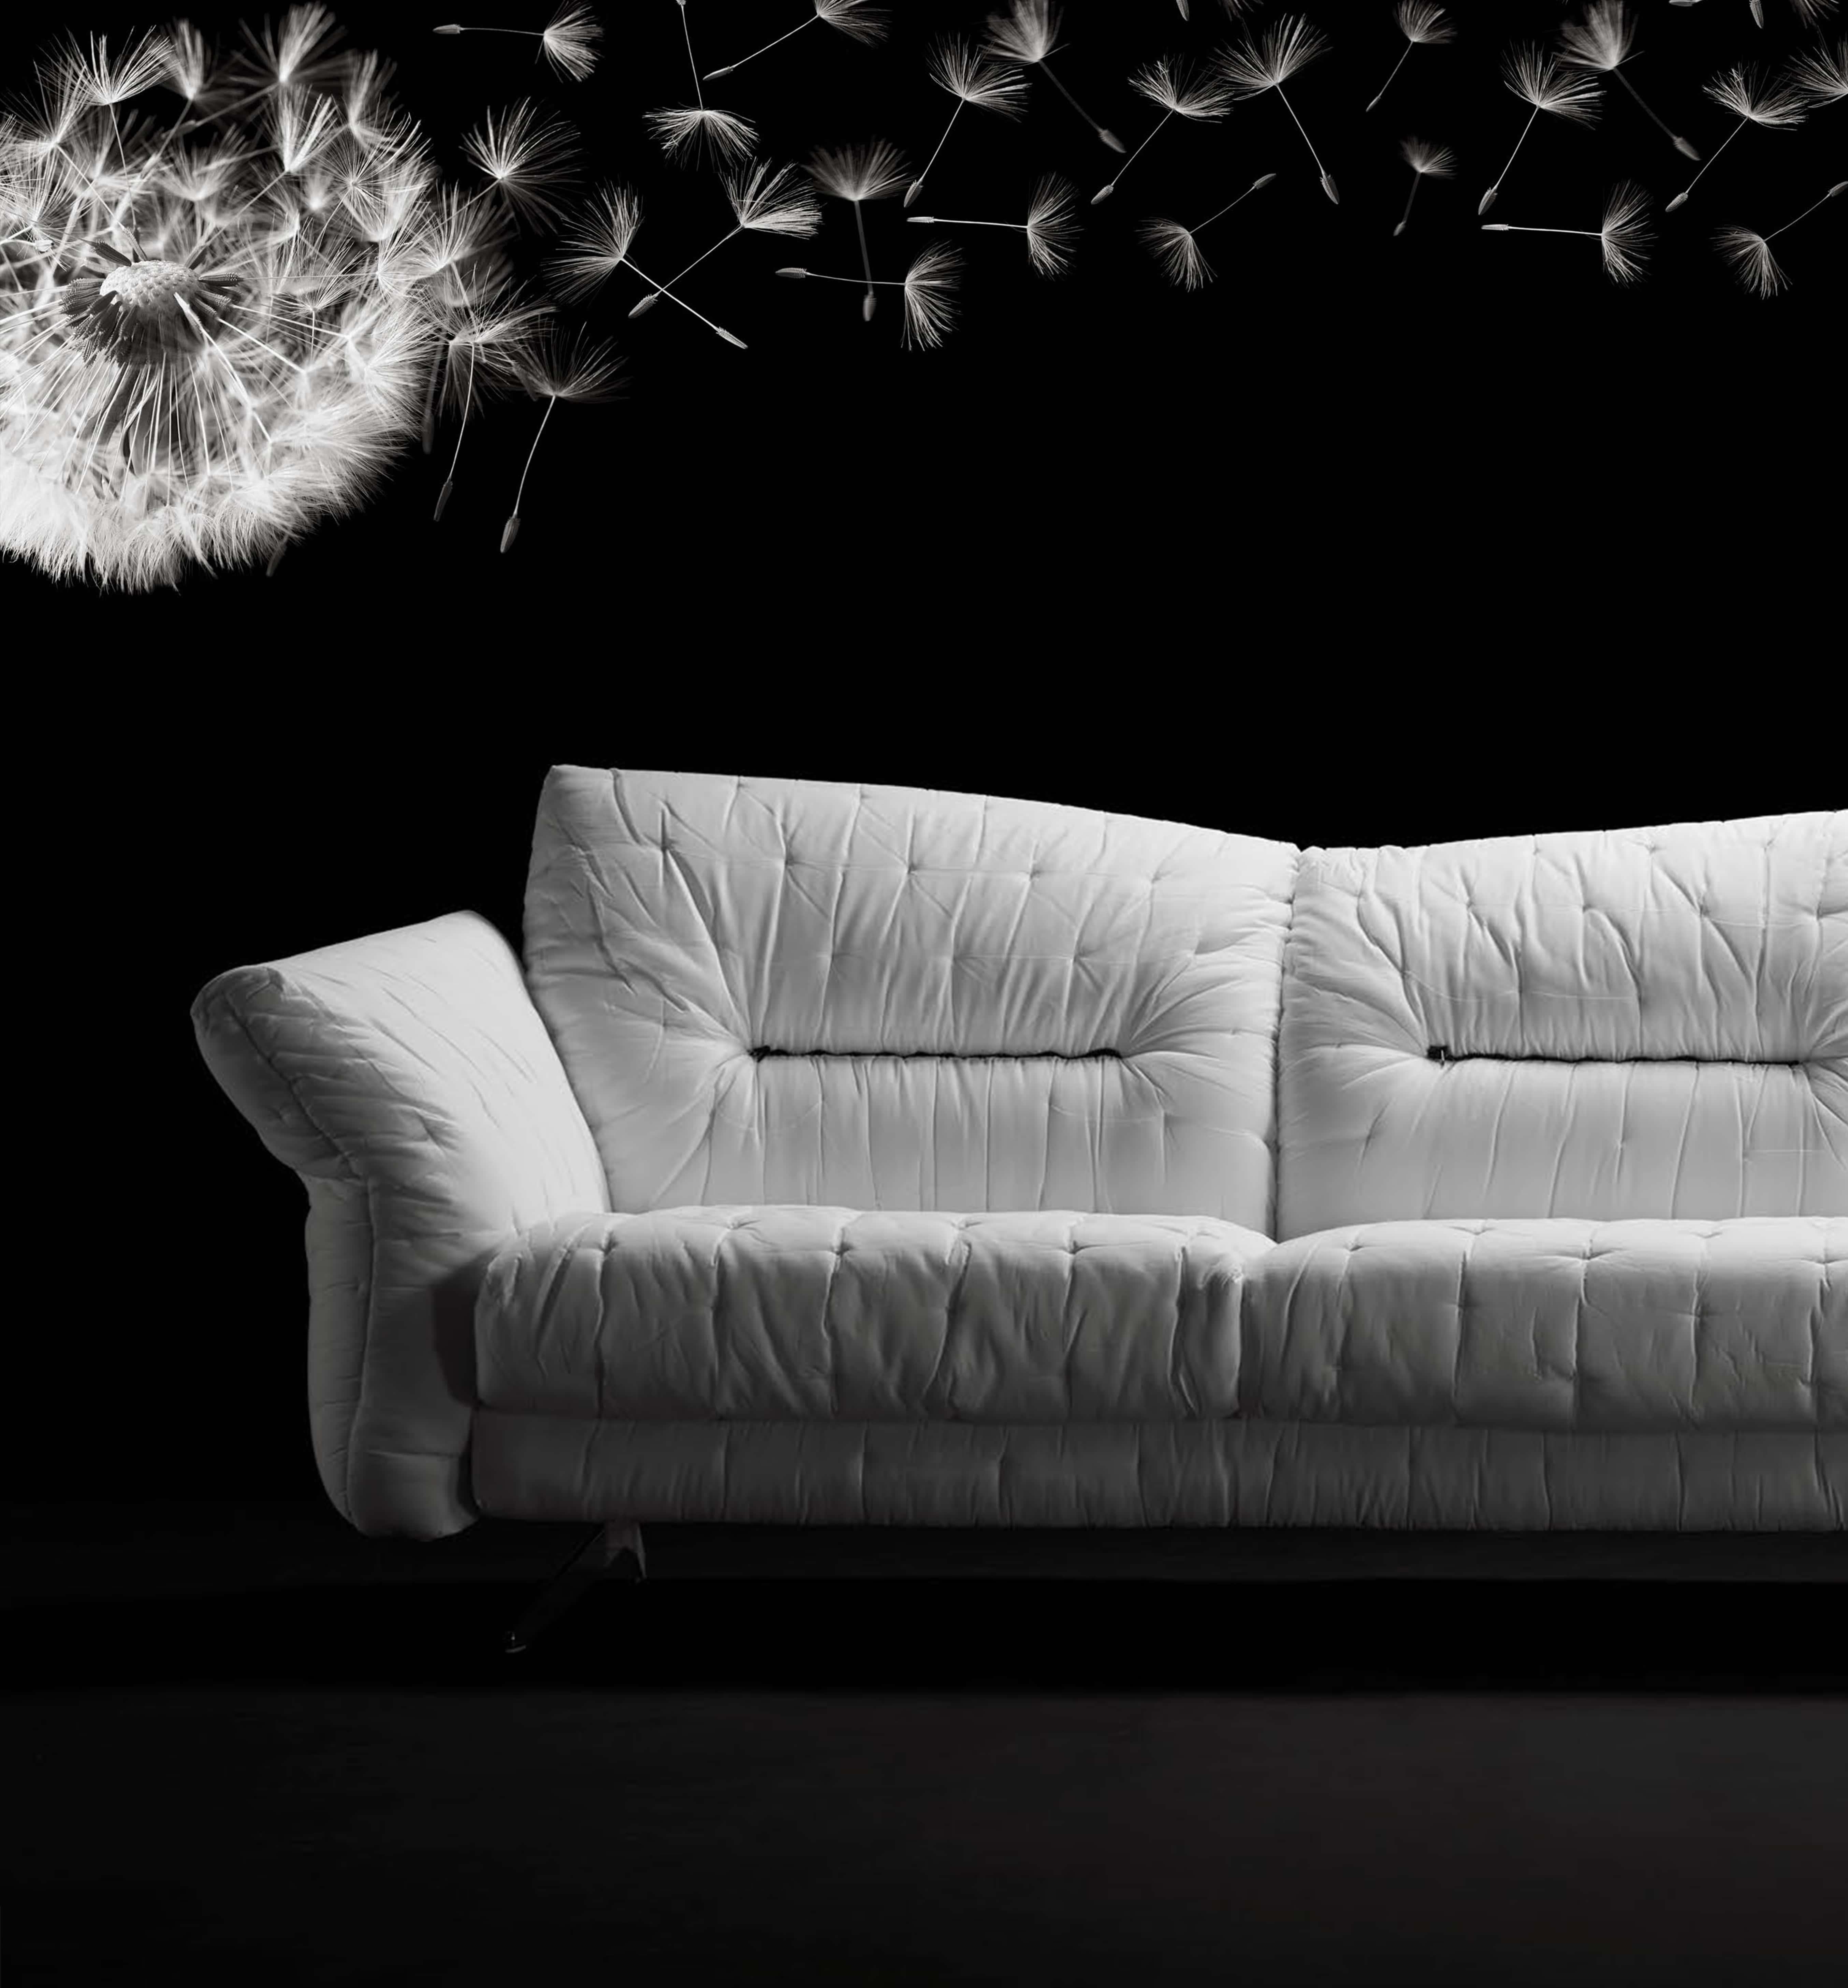 Rosini divani di qualit artigiana - Facciamo saltare i bulloni a questo divano ...